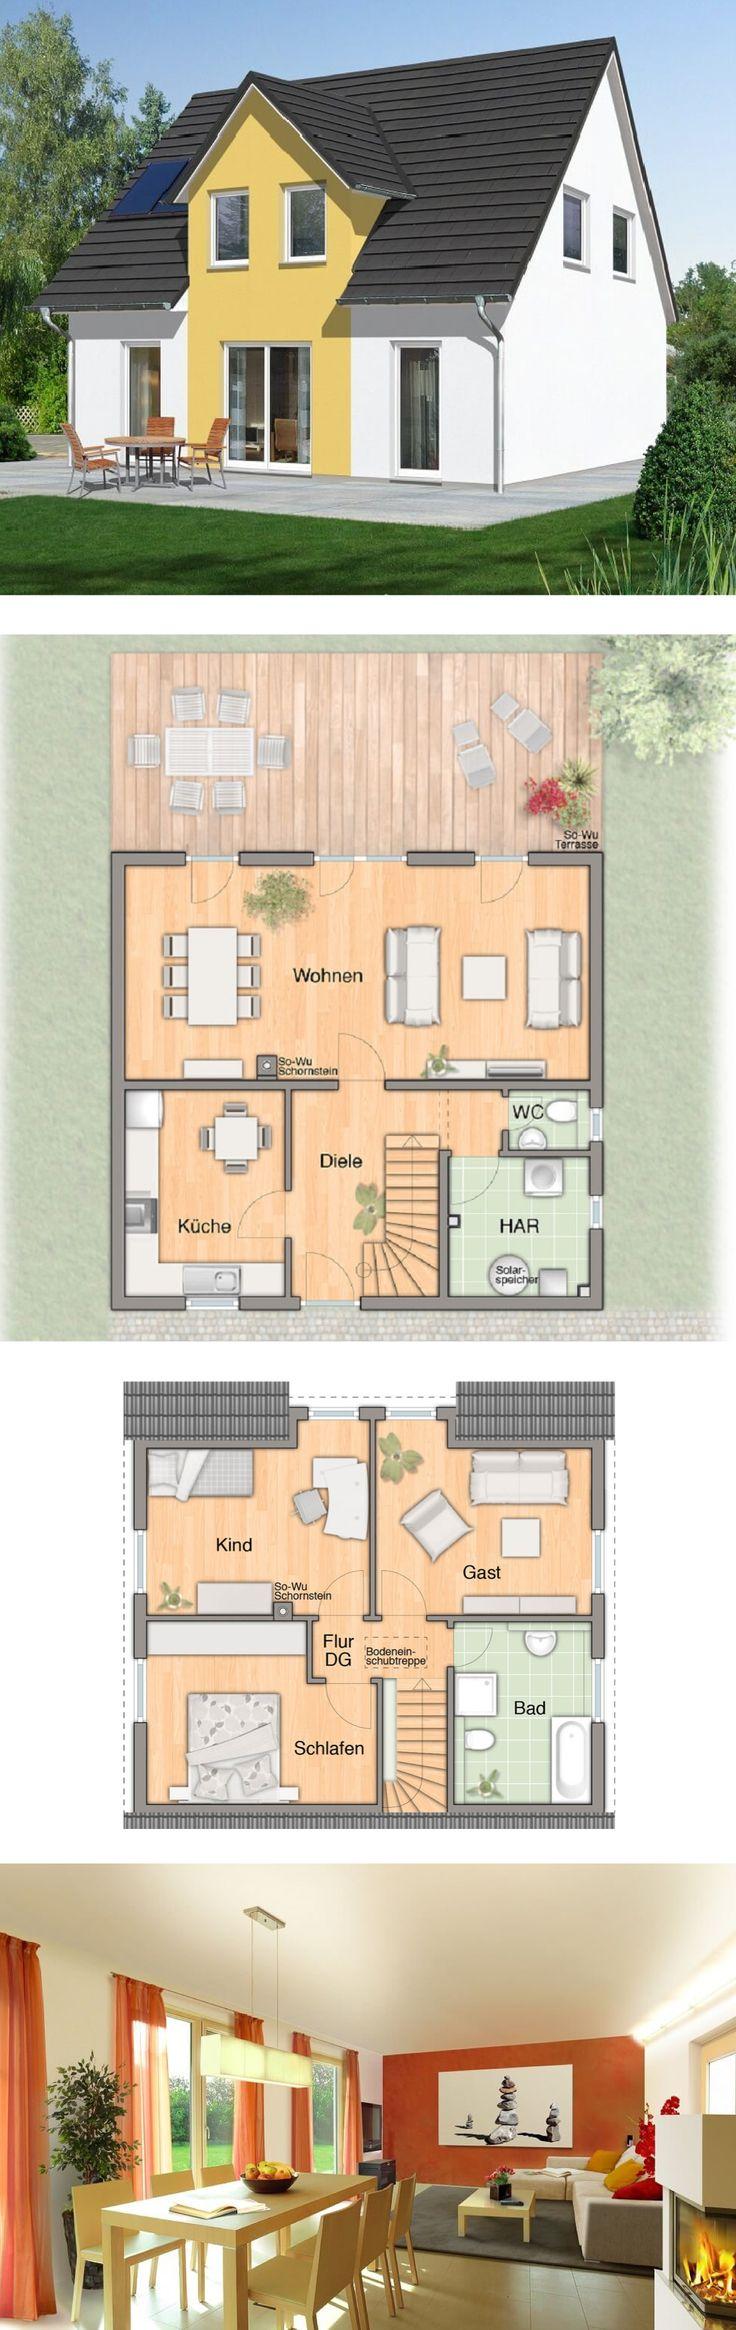 EINFAMILIENHAUS Flair 113 Town & Country Haus * Massivhaus bauen Grundriss 5 Zimmer Satteldach Fassade Putz Küche separat Terrasse ( HausbauDirekt.de )